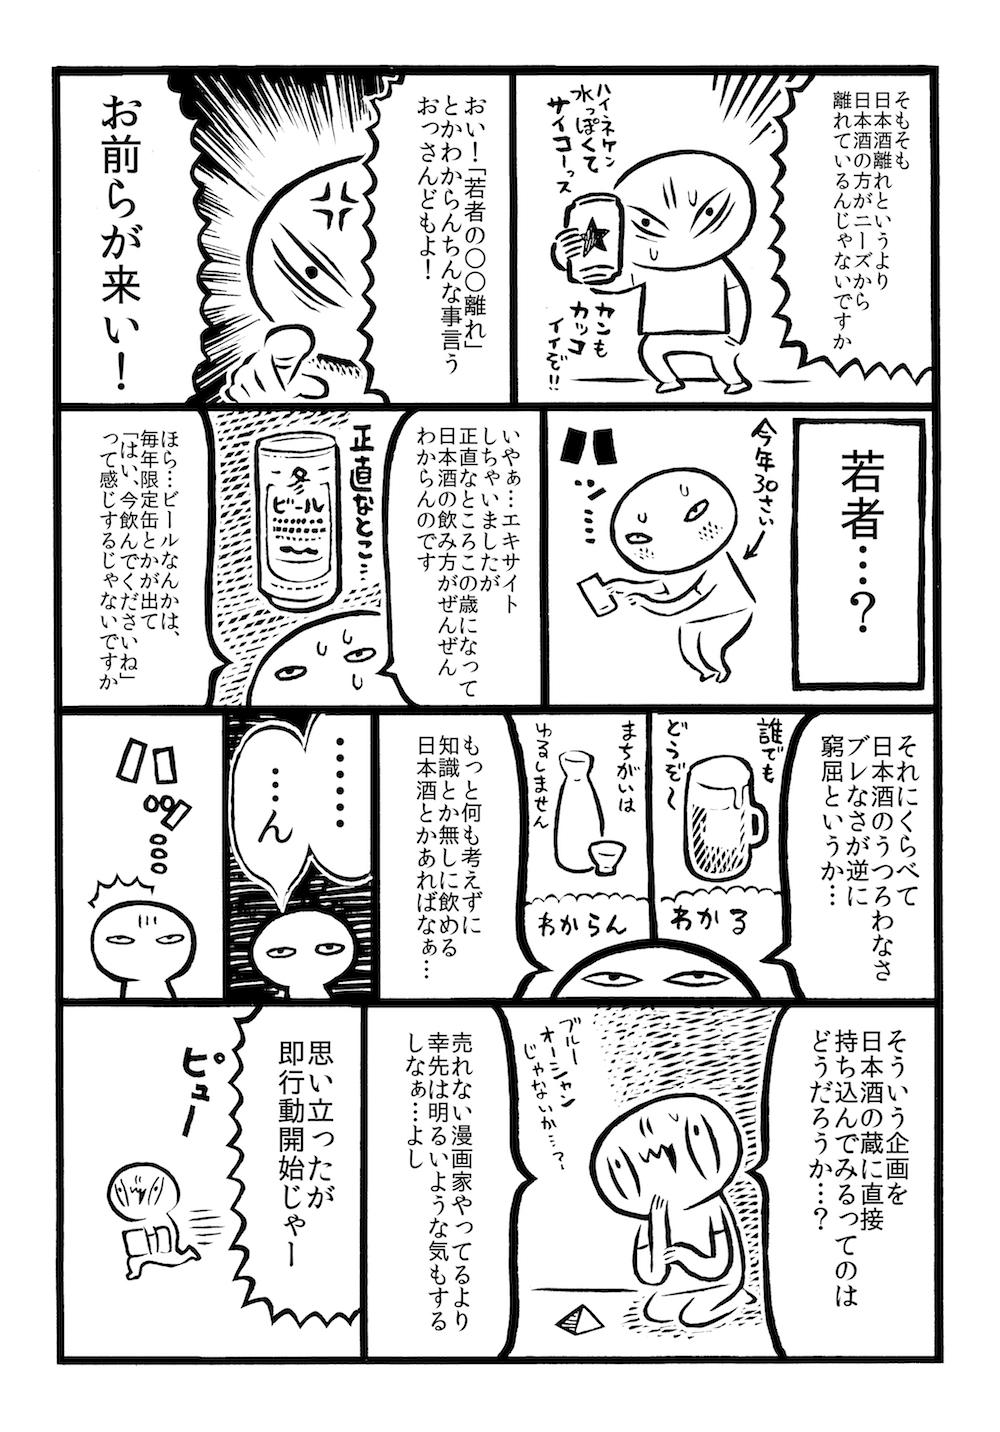 f:id:kakijiro:20170130141120j:plain